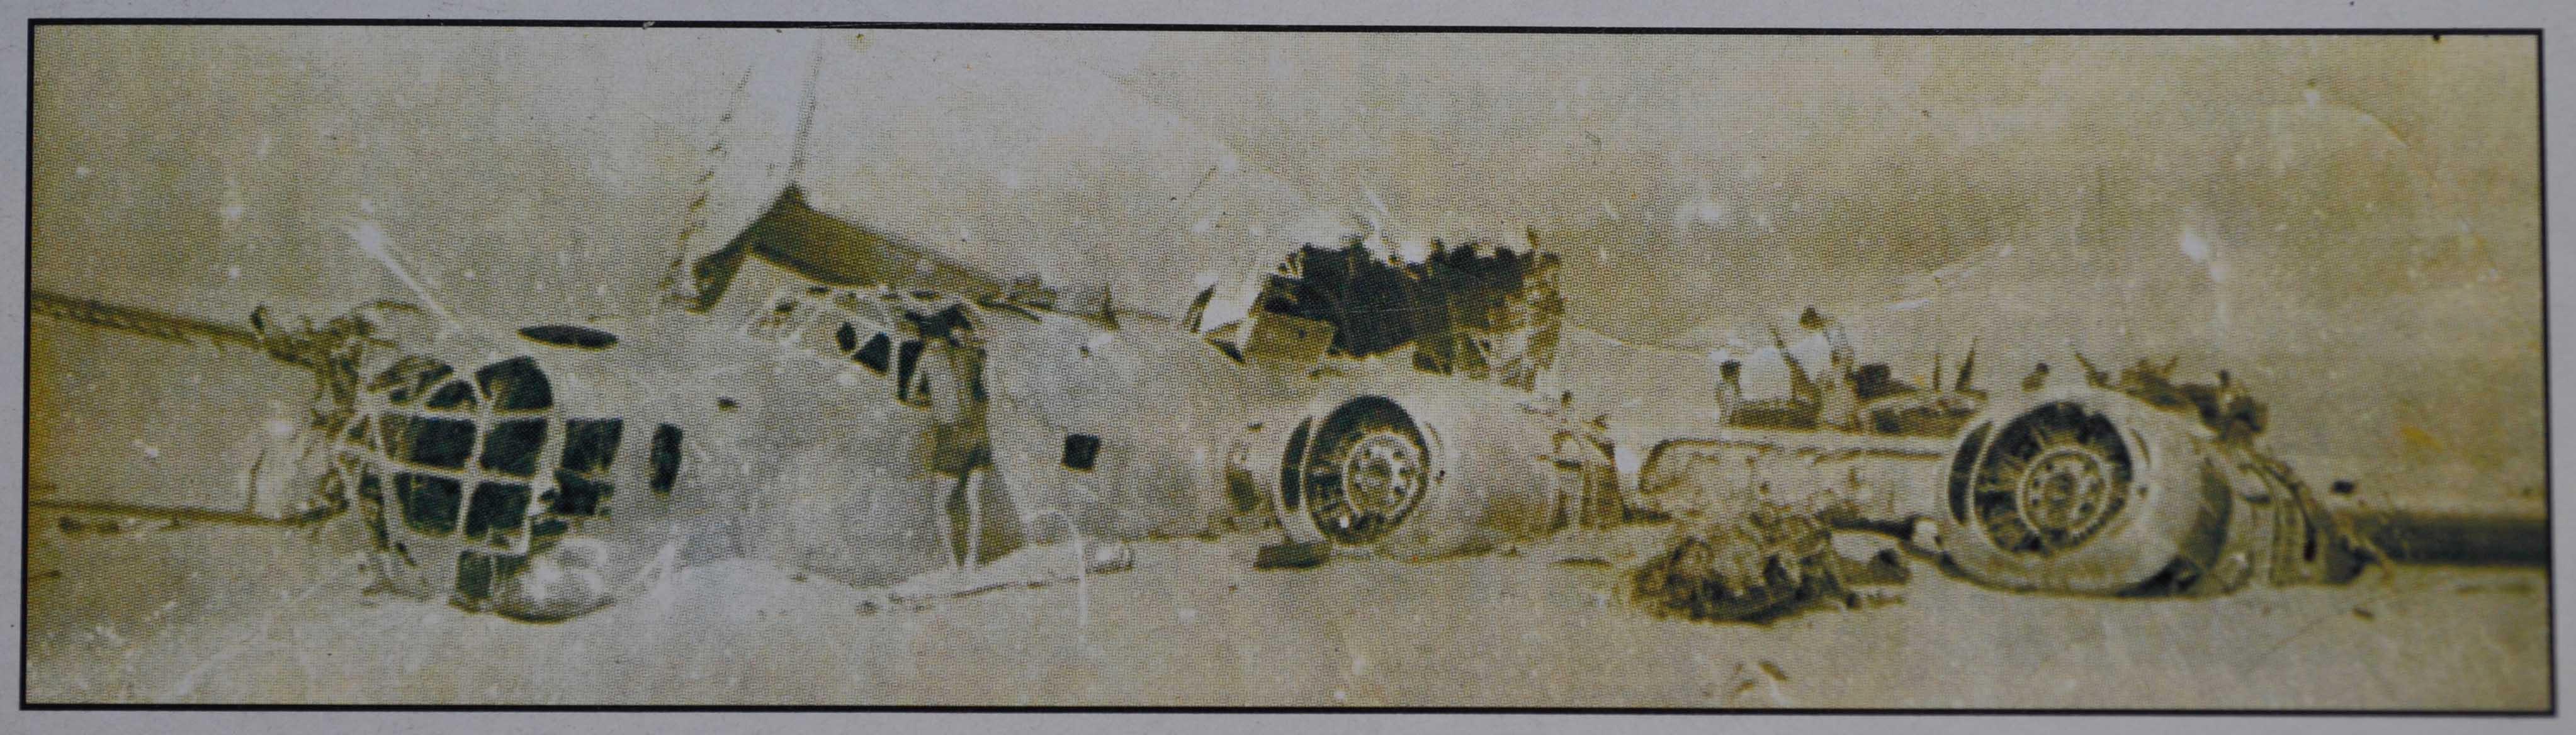 """Cette photo d'un bombardier Liberator donna naissance à la légende du """"Sand pink"""", camouflage des futurs véhicules des SAS."""